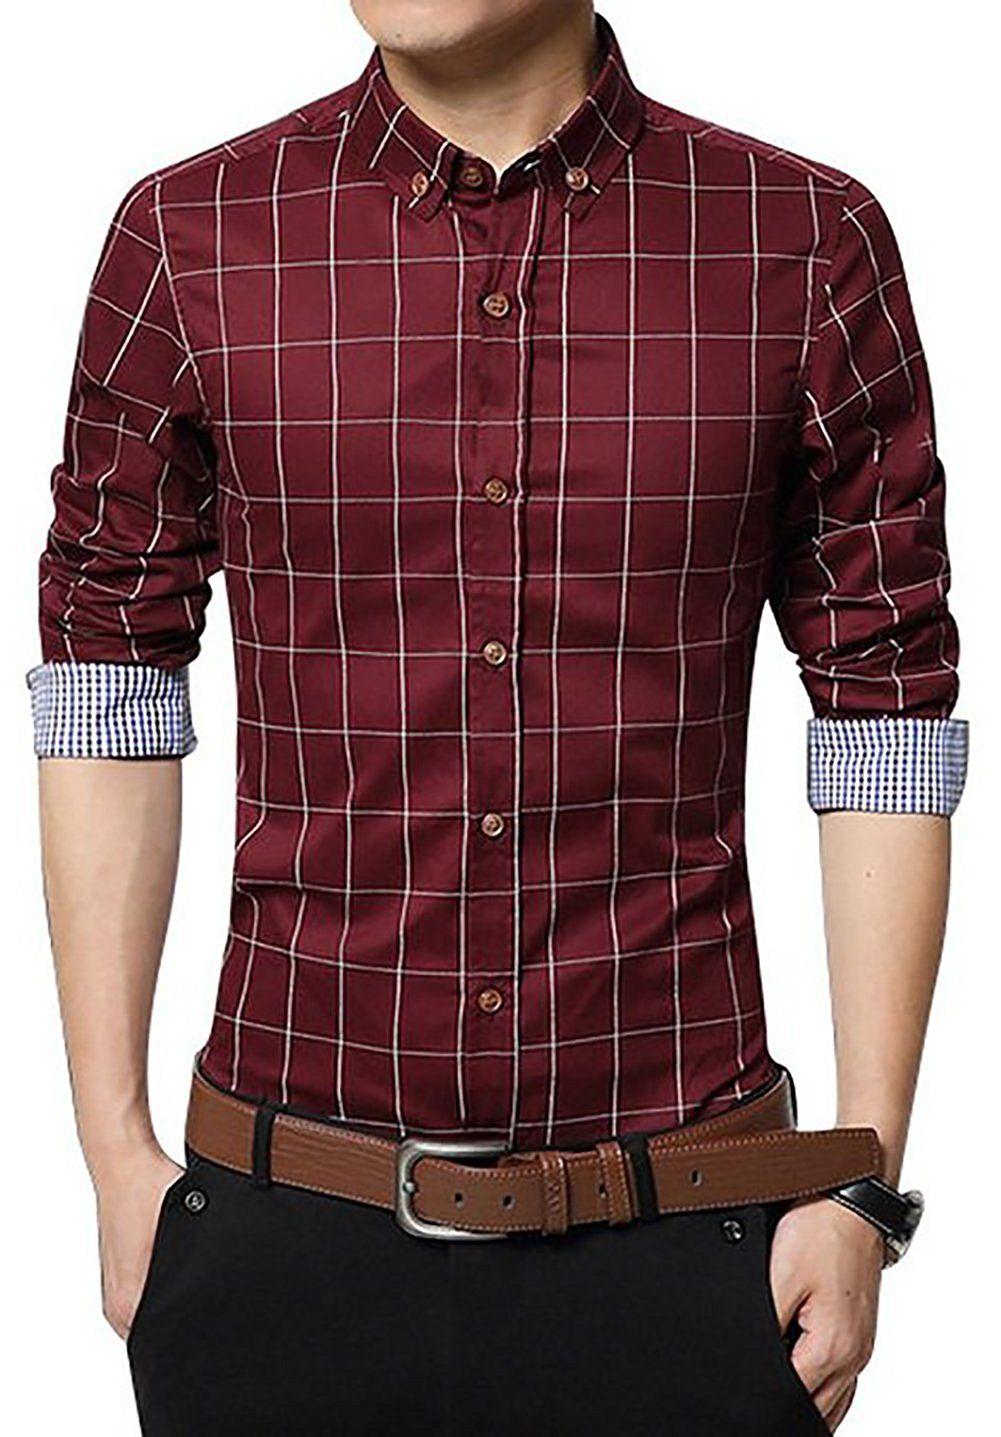 LOCALMODE Men's 100 Cotton Long Sleeve Plaid Slim Fit